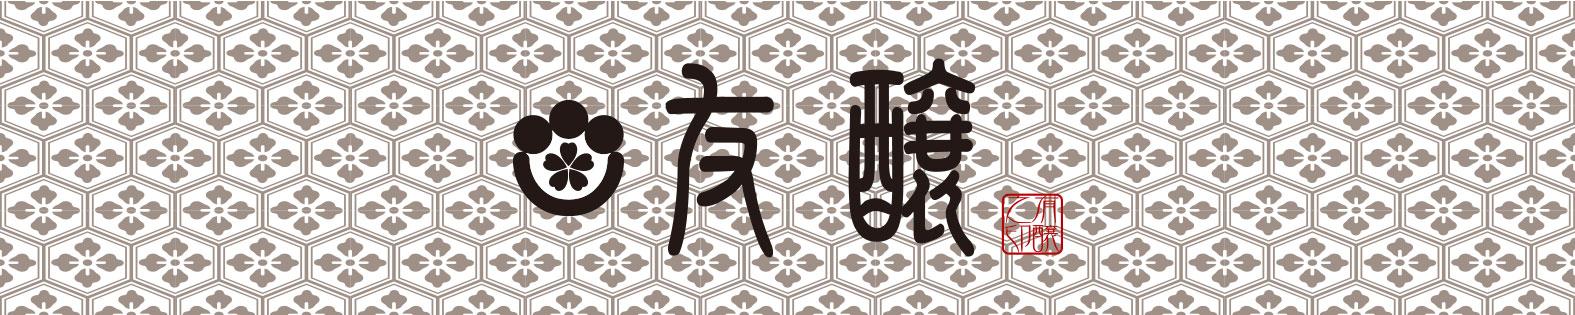 【日本酒】聖 特別純米原酒 槽場直詰瓶火入 若水60 熟成ver 限定 26BY_e0173738_10485236.jpg